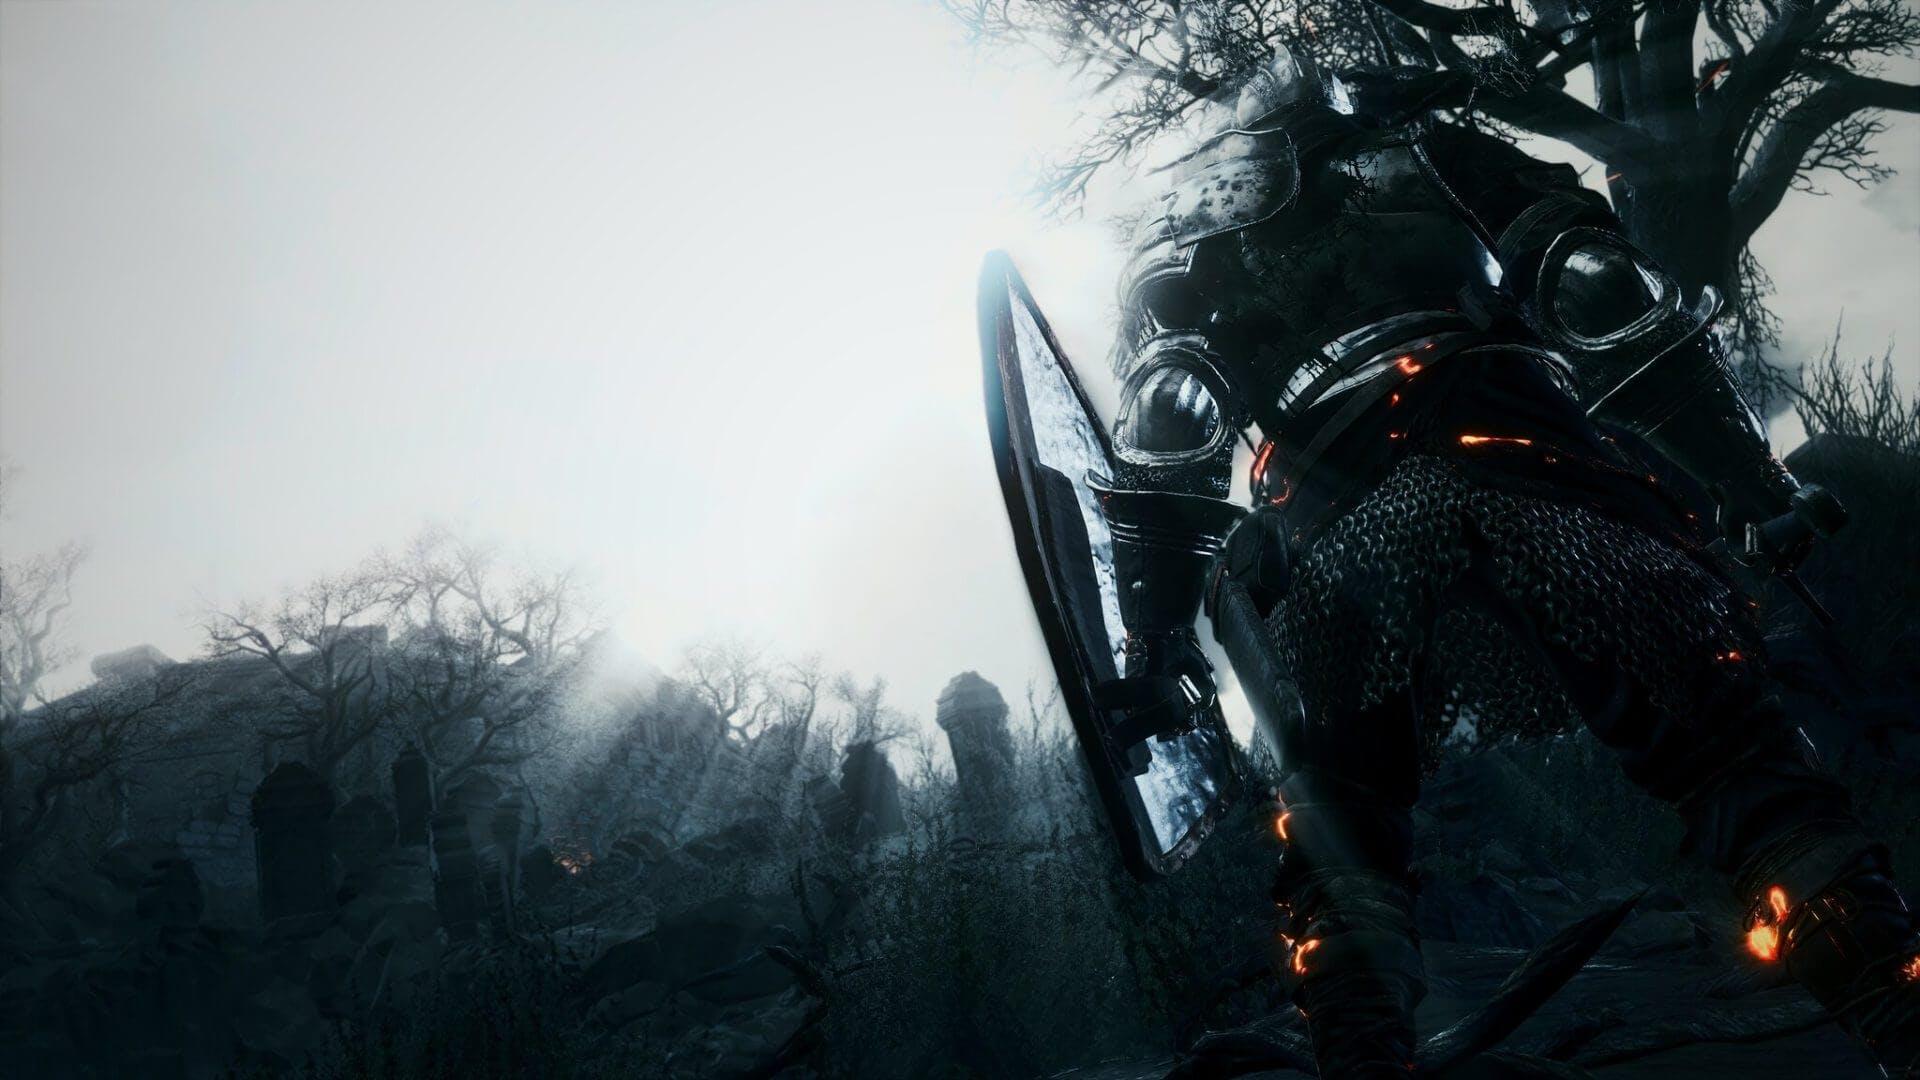 dark-souls-3-screenshot-pc-gaming